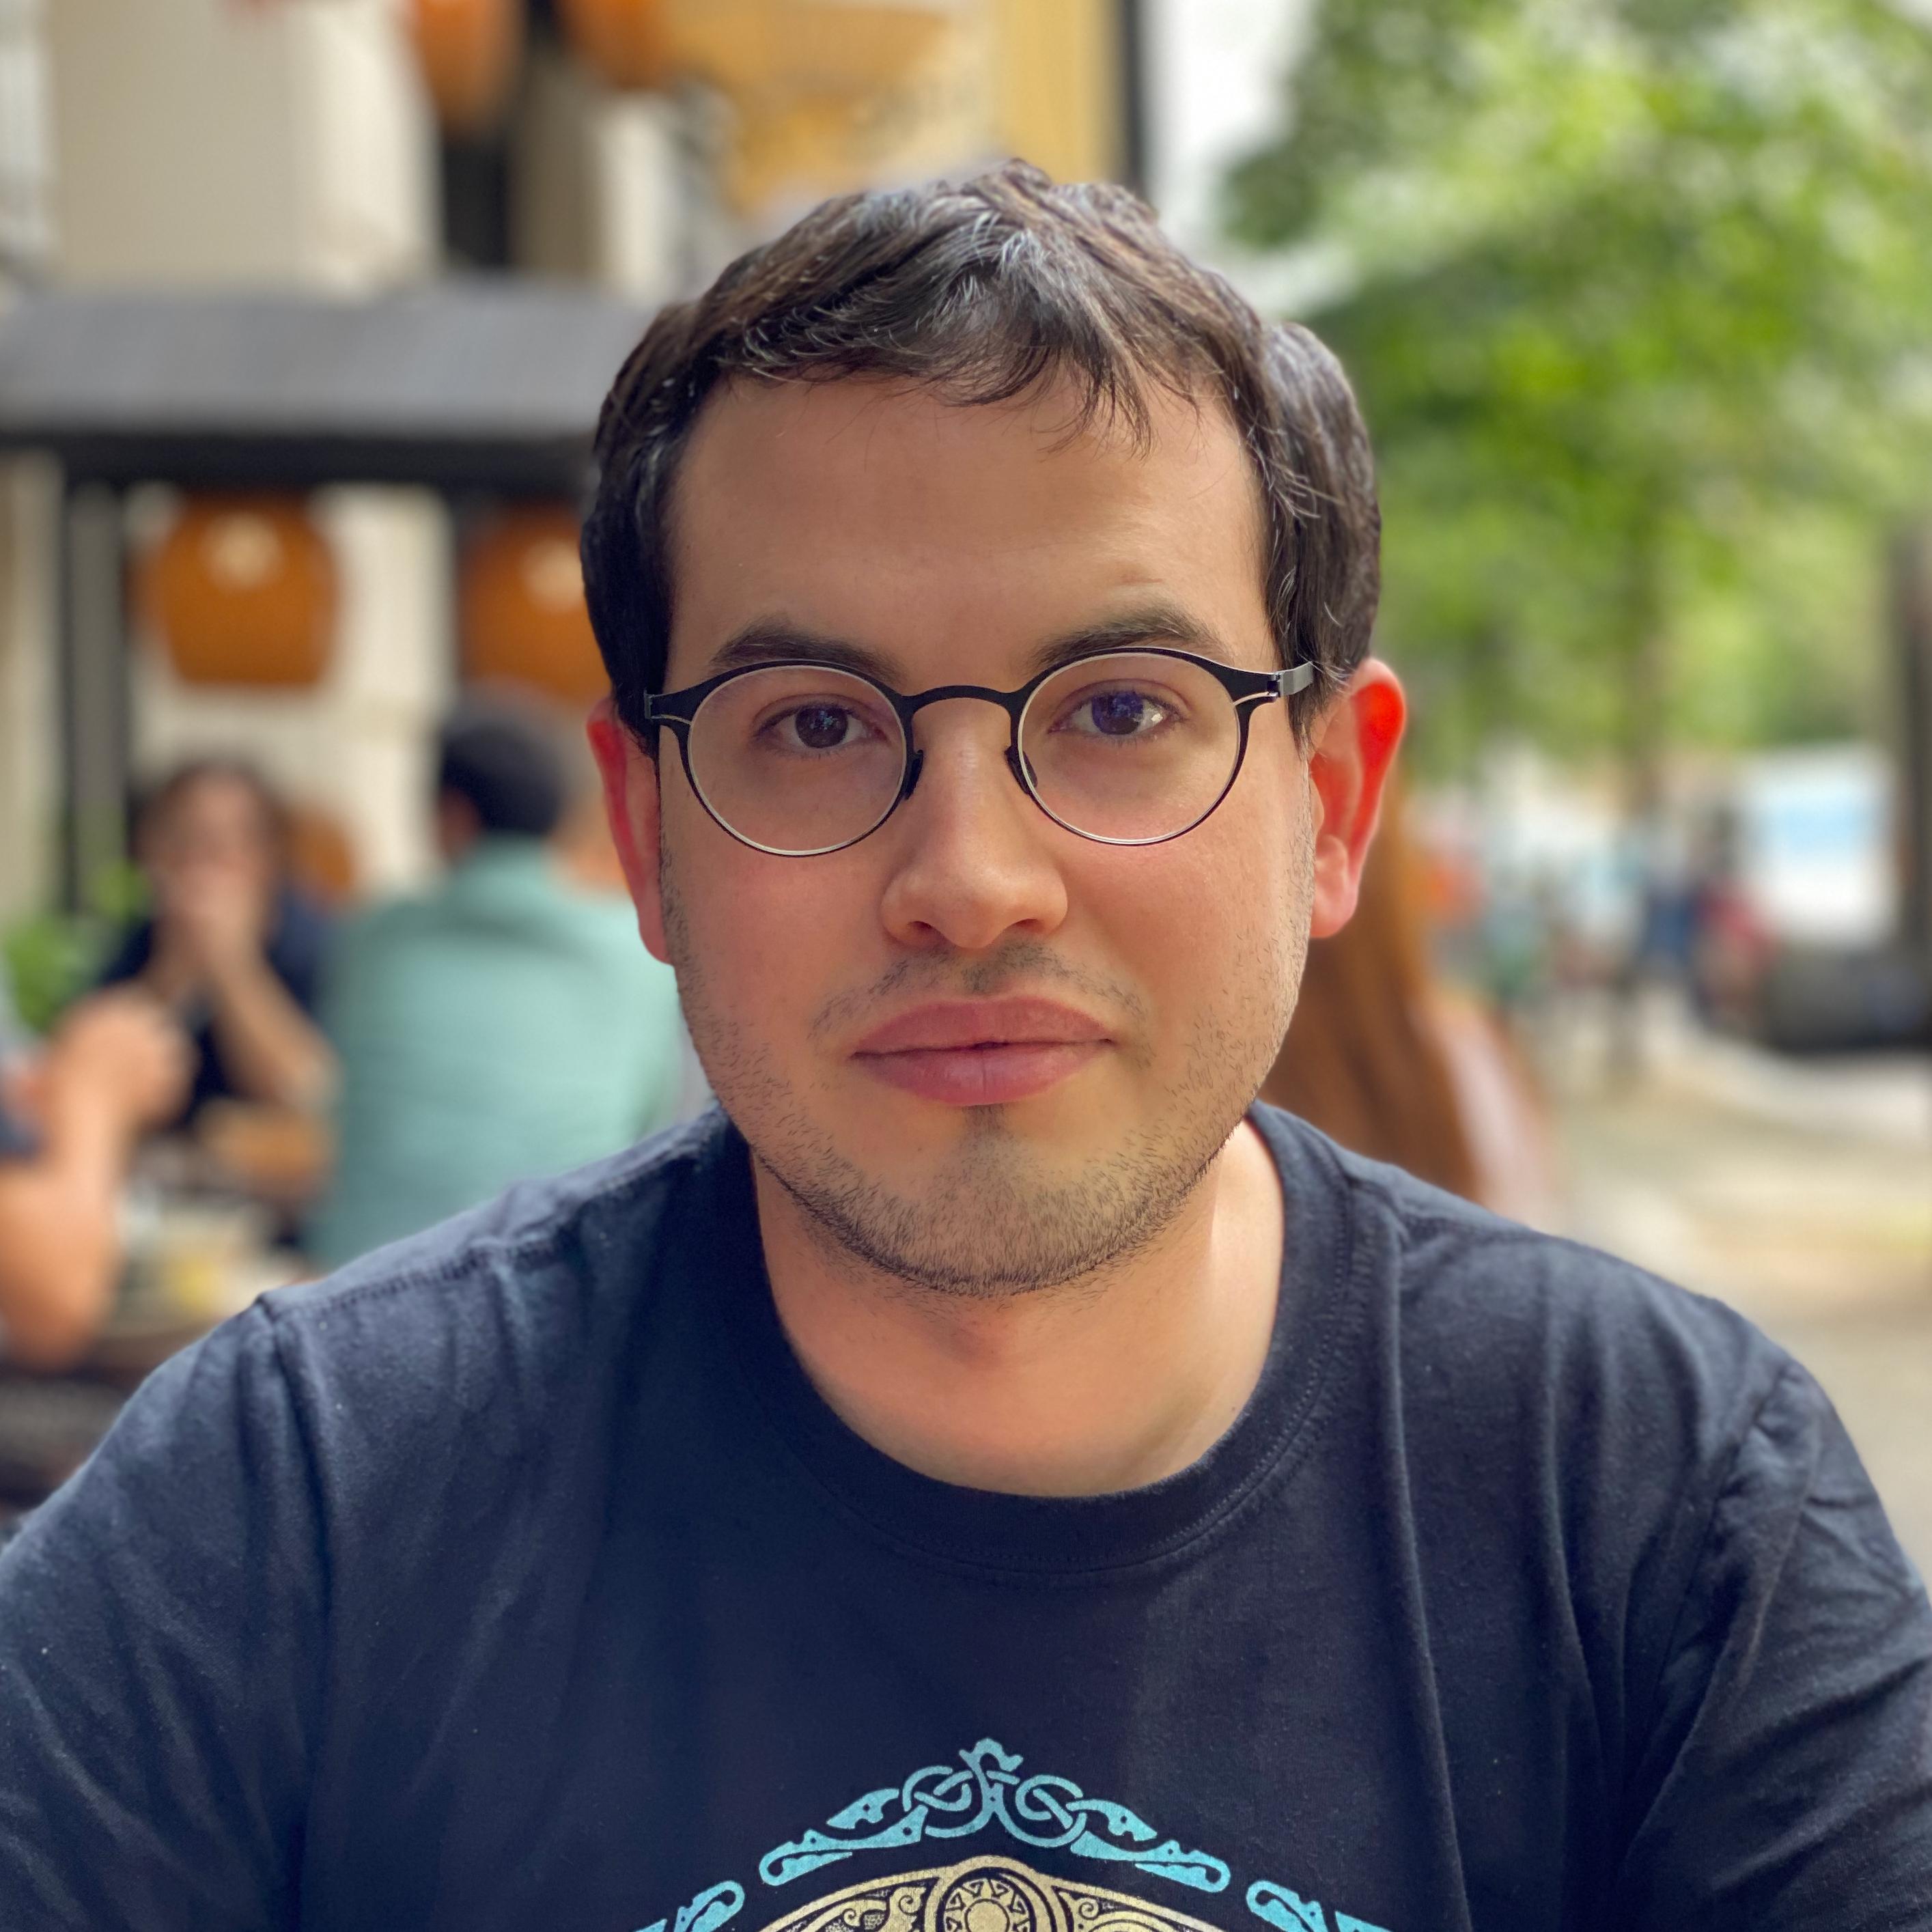 Pedro Javier Ortiz Suárez